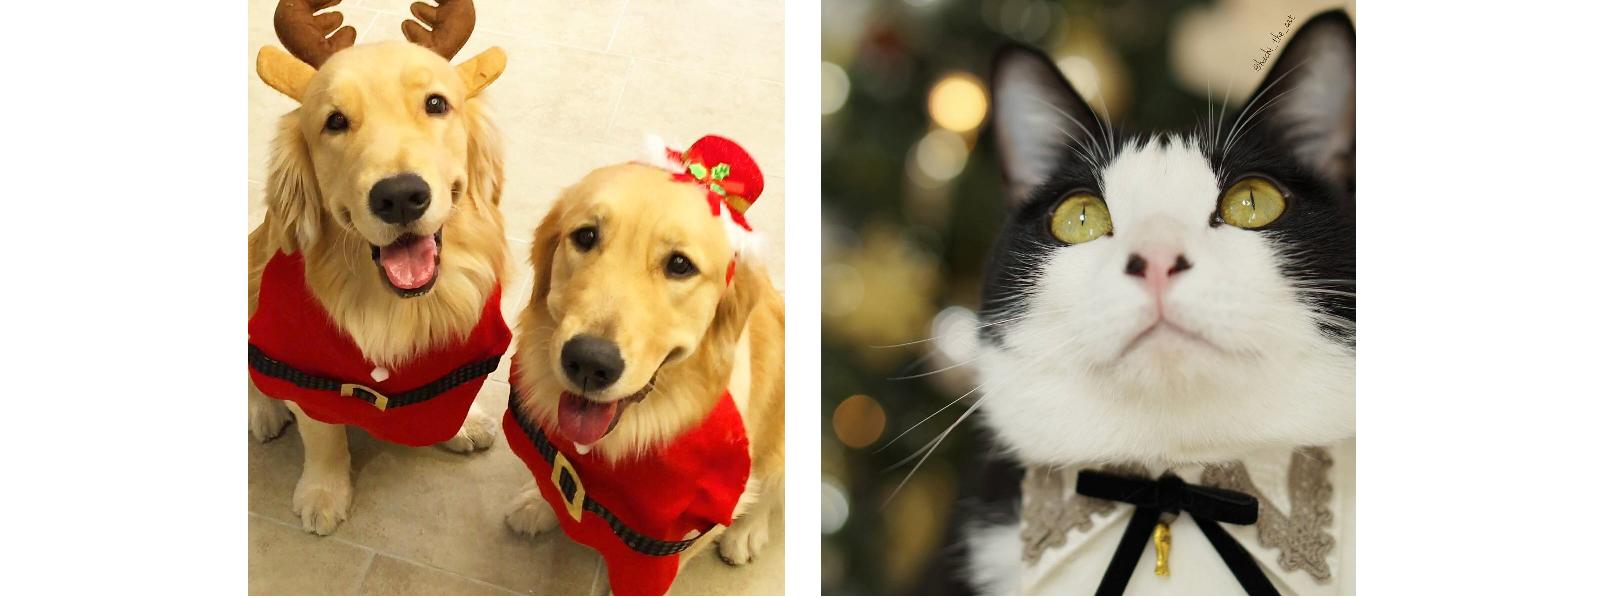 【メリークリスマス!】わんこ&にゃんこもクリスマスを満喫しちゃう(*´艸`*)♡ 9選